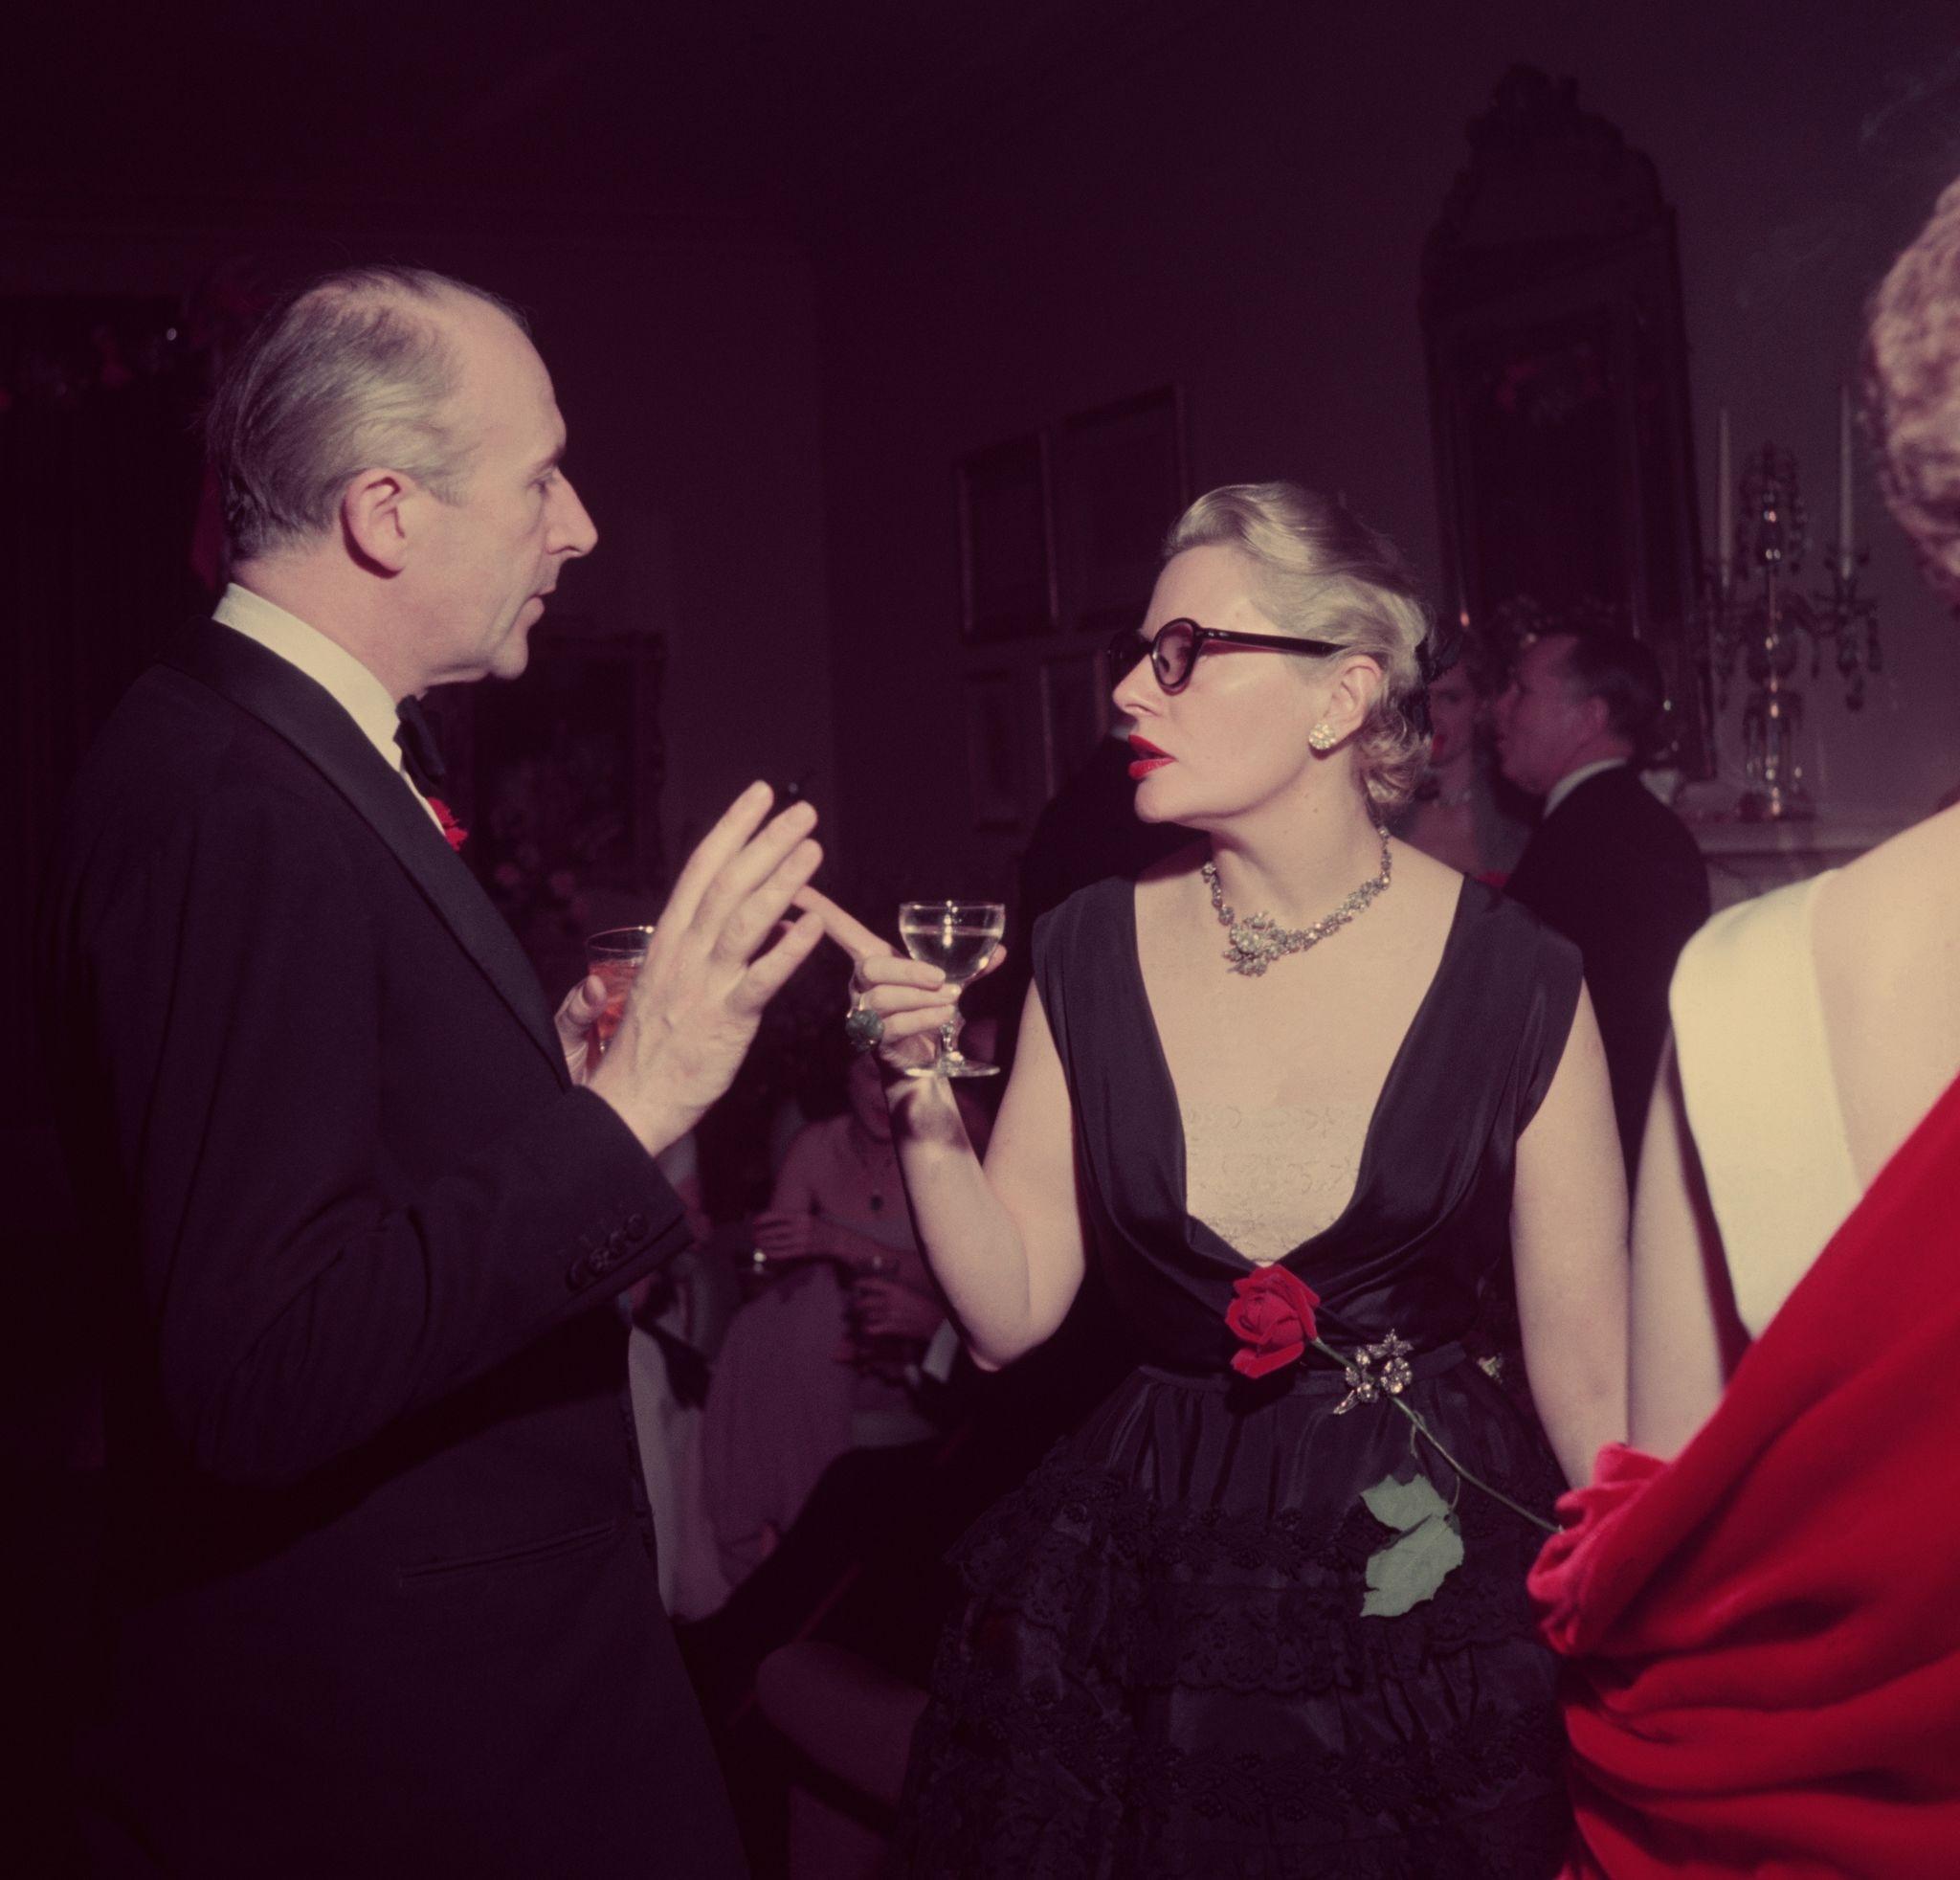 1952. Флер Коулз беседует с фотографом и дизайнером Сесилом Битоном на новогодней вечеринке в Нью-Йорке на Парк-авеню.jpg